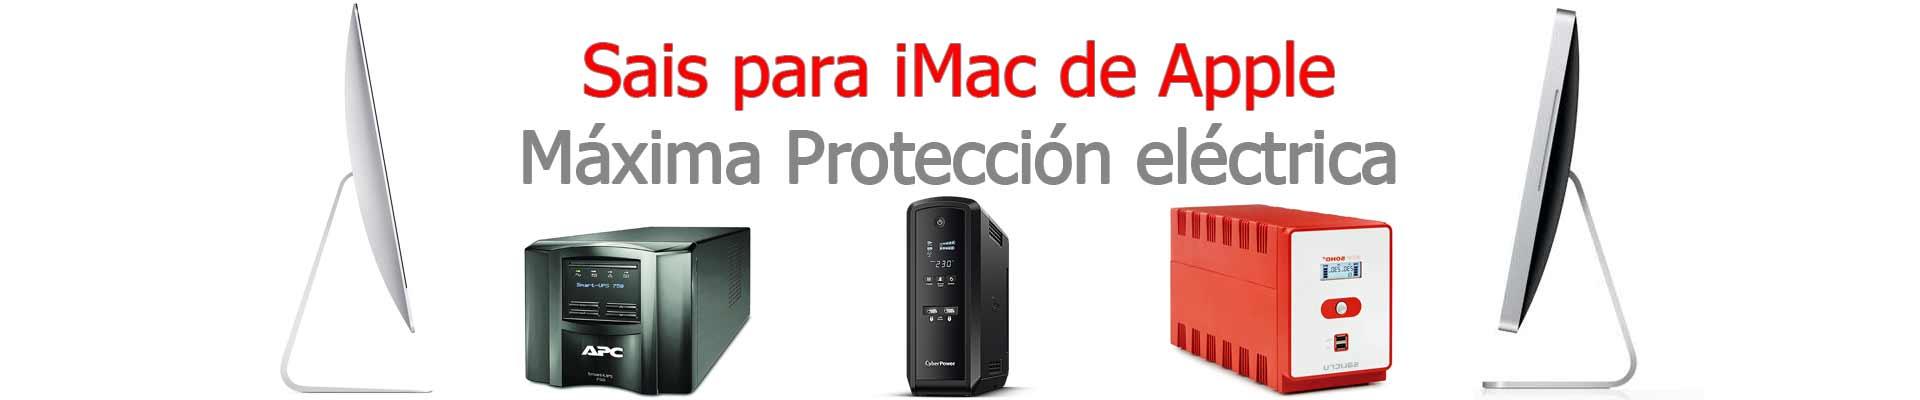 Sais para iMAc de Apple